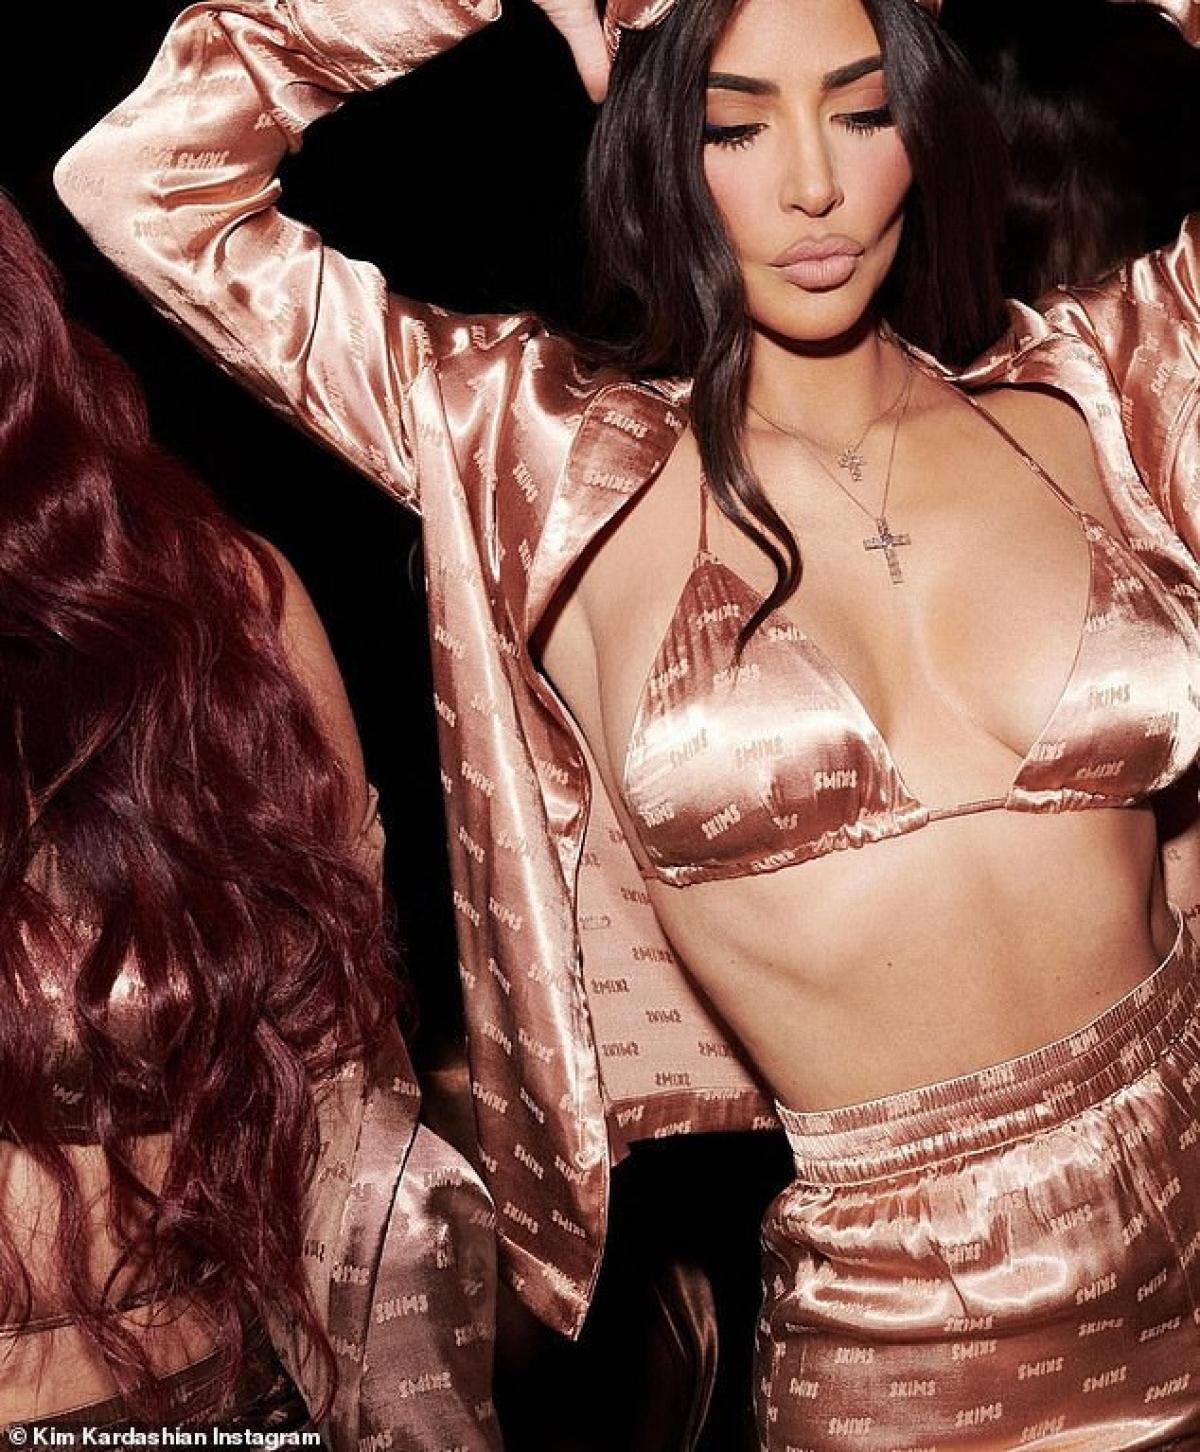 Sau quyết định ly hônKanye West,Kim Kardashian dường như tập trung nhiều hơn cho việc kinh doanh và kiếm tiền. Cô cũng thừa nhận thời gian qua bản thân có nhiều thời gian bên gia đình và người thân hơn.